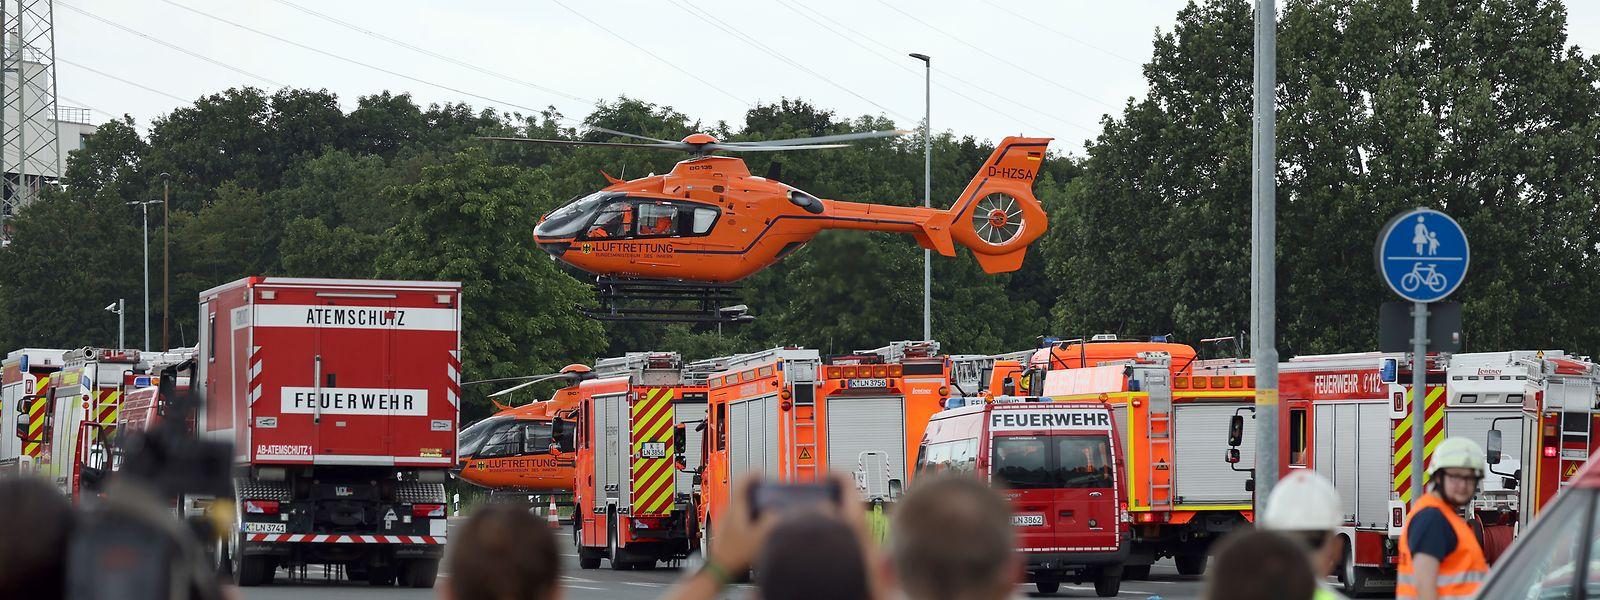 Bei einer Explosion im Chempark Leverkusen starben am Dienstagmorgen mindestens fünf Menschen.